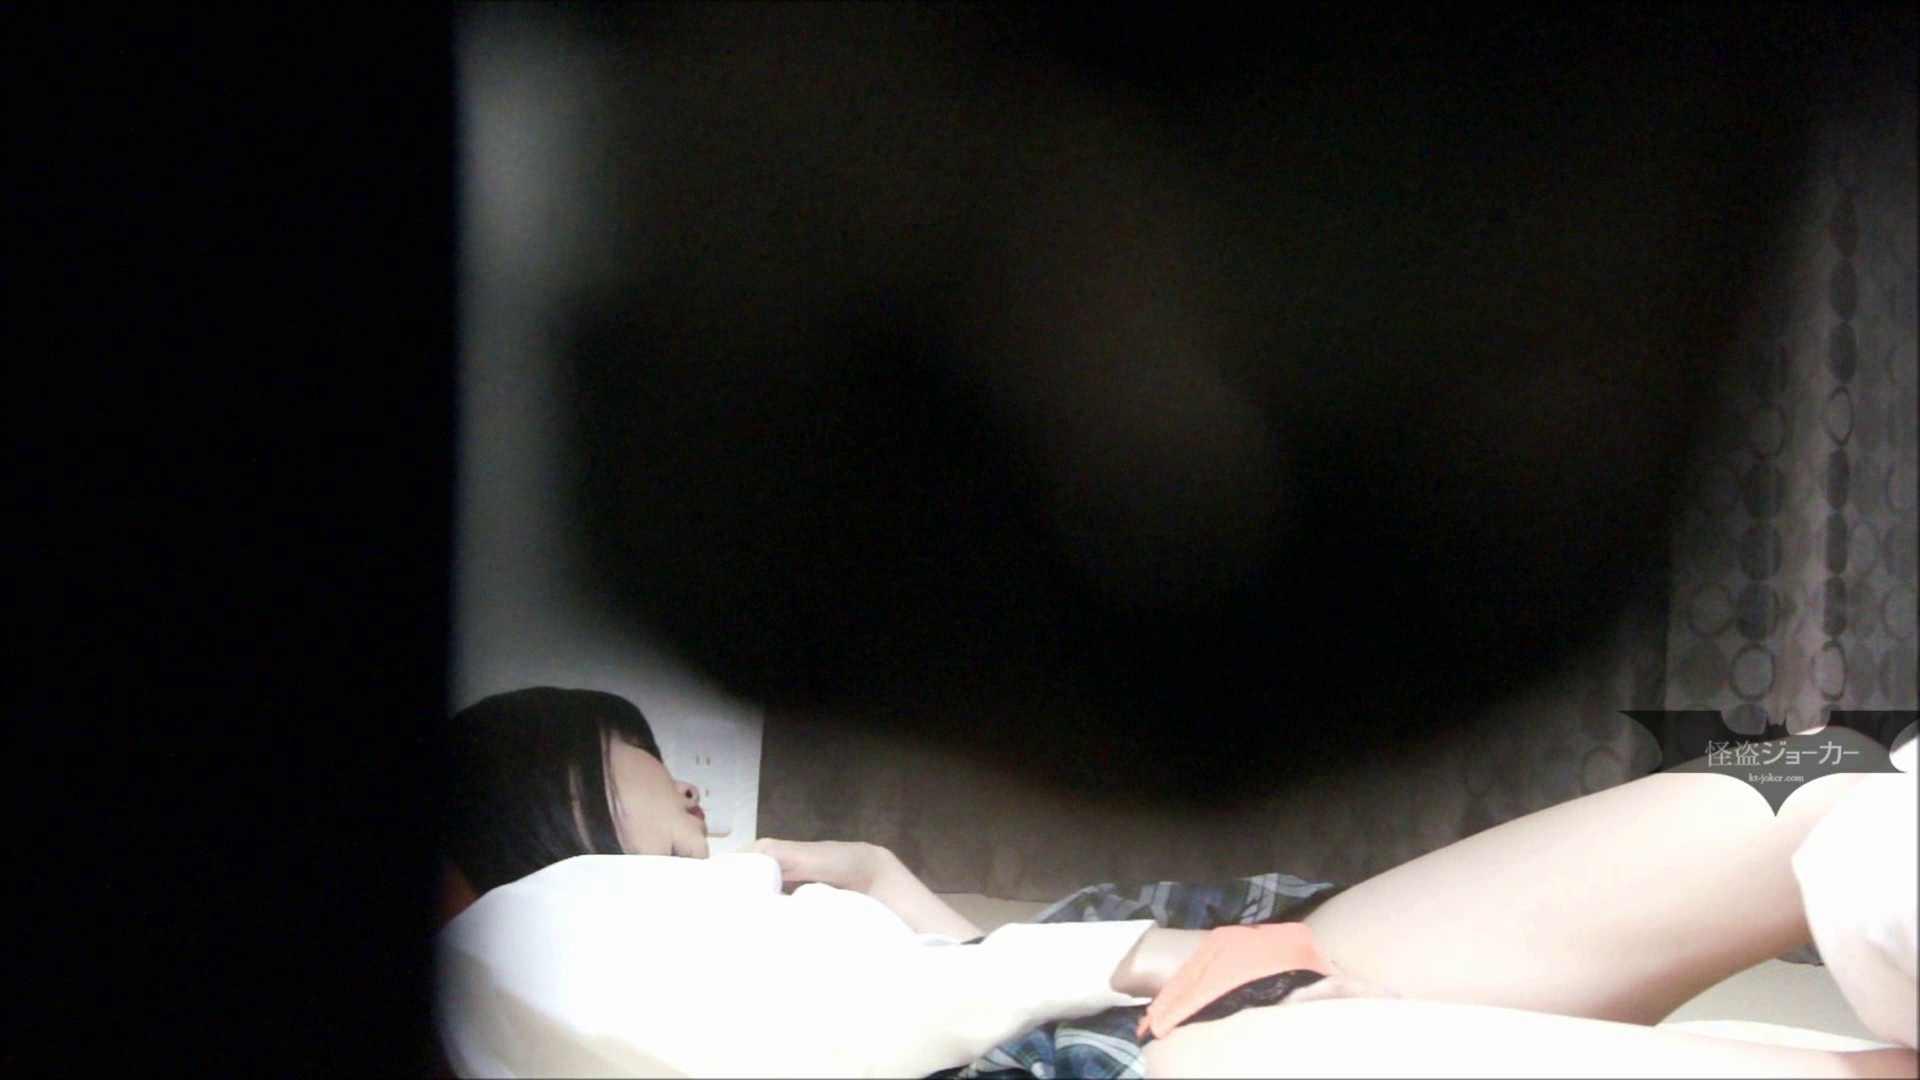 【未公開】vol.54【小春】脱衣所とオナニー隠し撮り 脱衣所   高画質  81画像 49